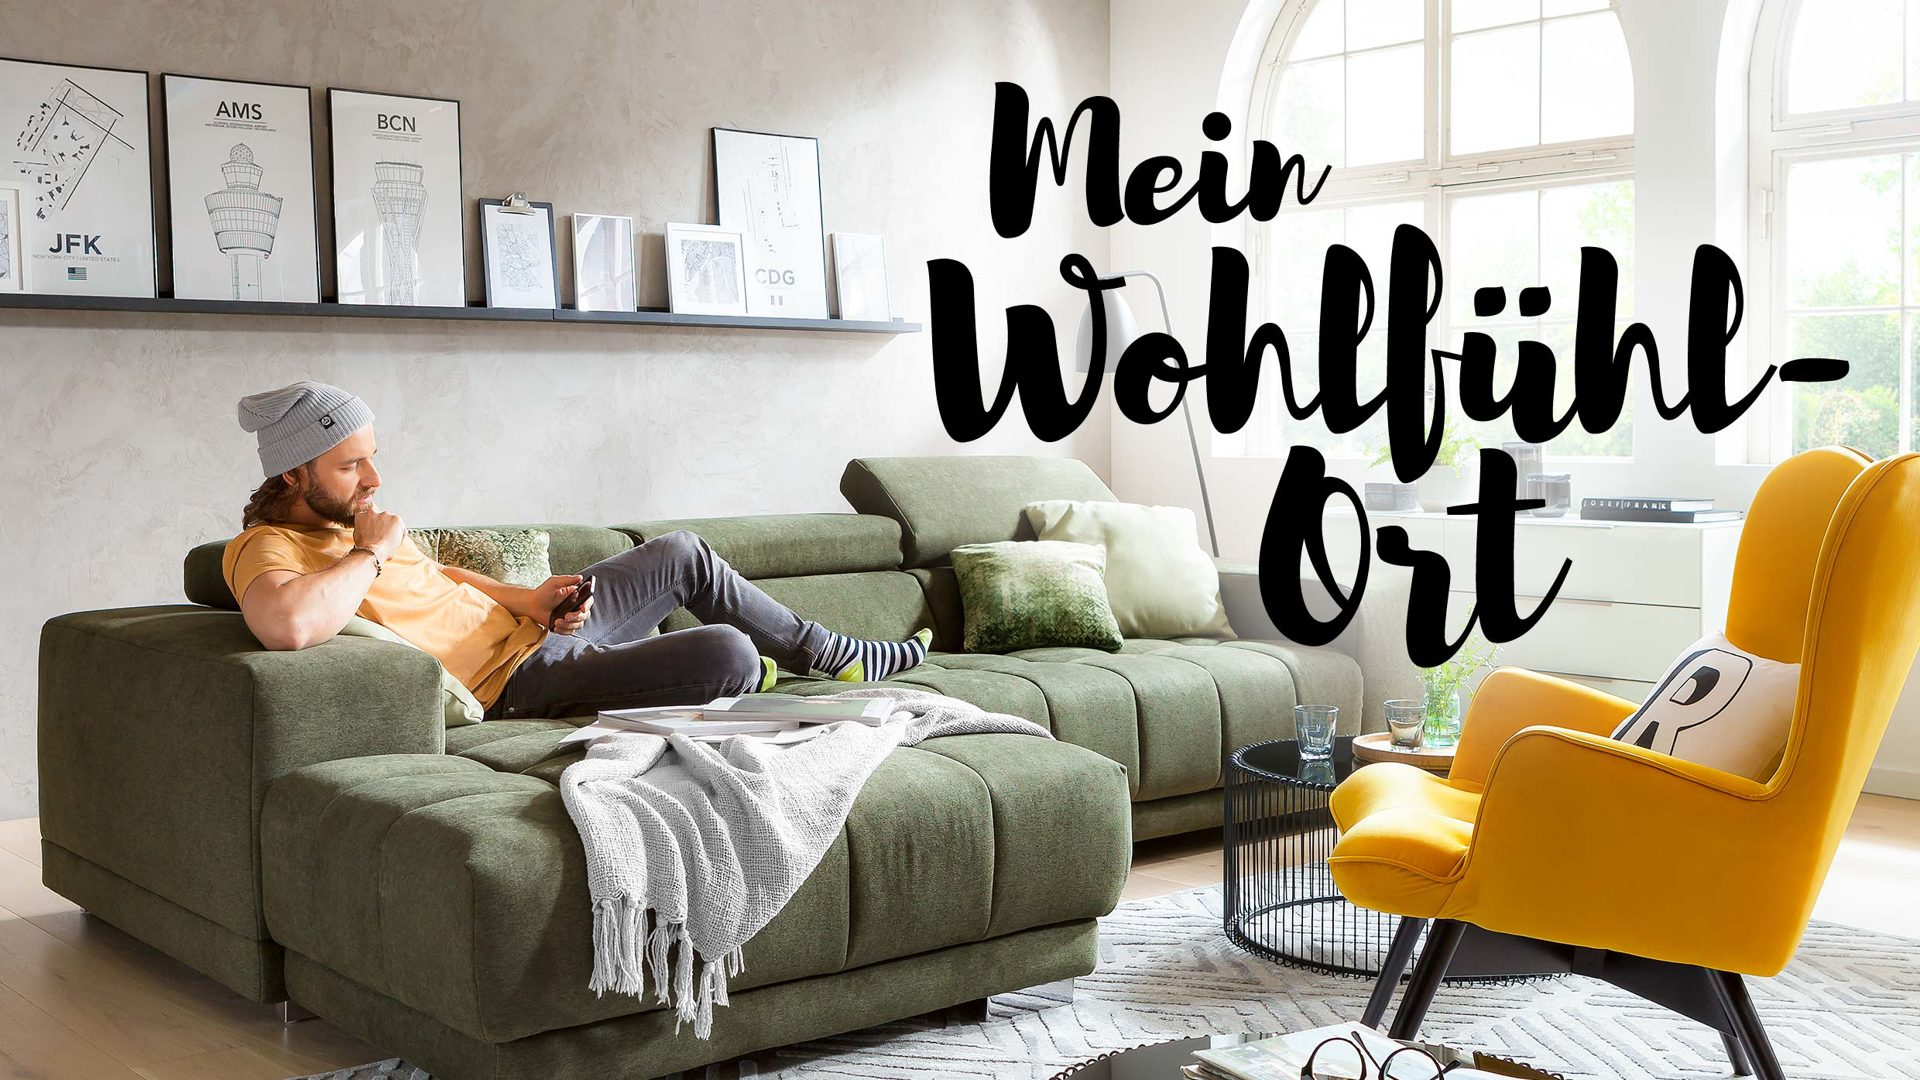 Hochwertig Möbel Cranz U0026 Schäfer Eisenach, Ausstellungsstück, Schöne, Moderne, Design,  Hochwertige, Luxuspolstergarnitur, Wildeichen, Rustikaler, Couchtisch, ...